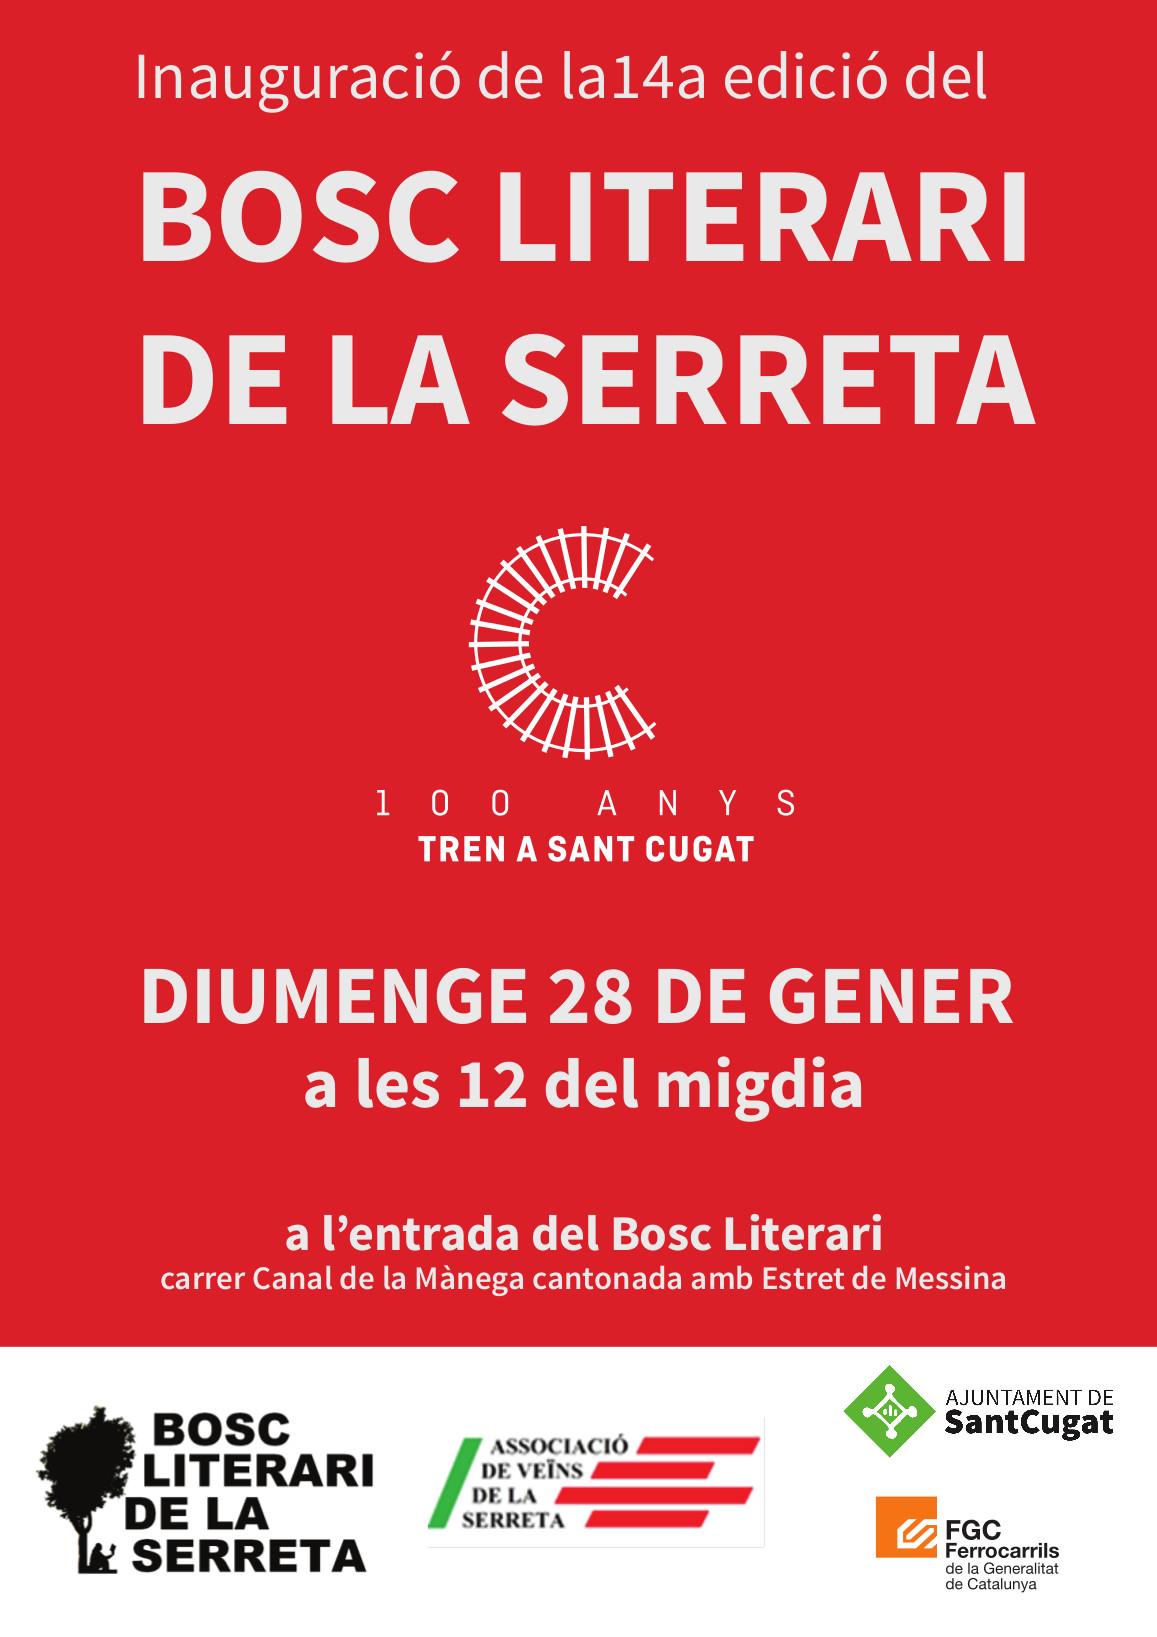 BOSC LITERARI-CENTENARI-inauguració.jpg